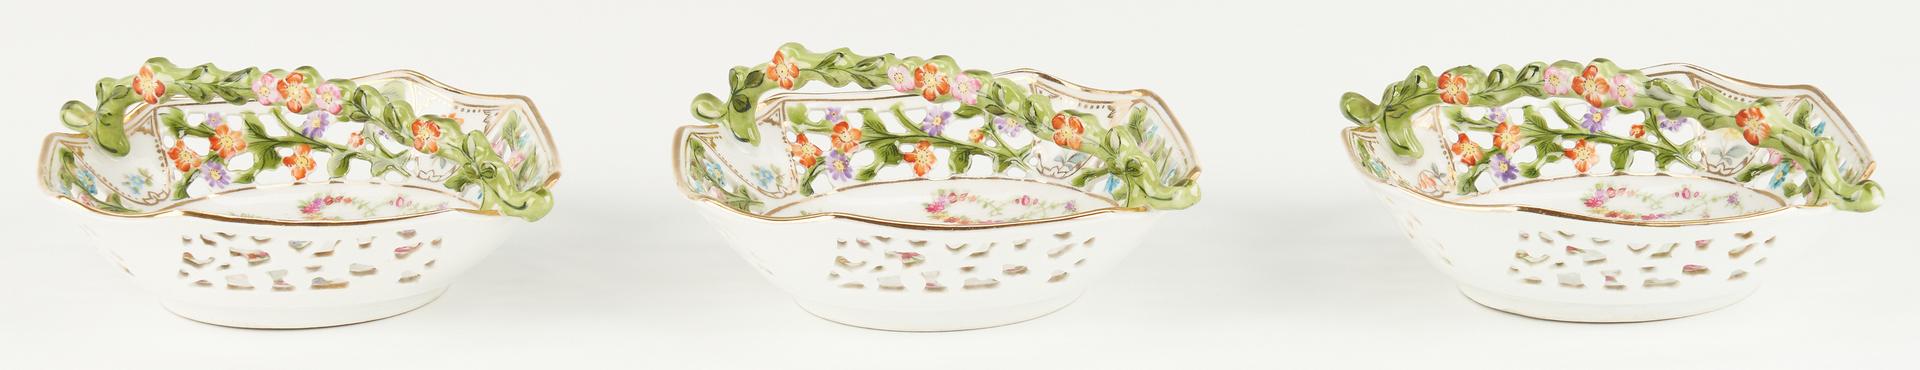 Lot 1088: Porcelain Dessert Set, Nodder Candlesticks and Tiebacks